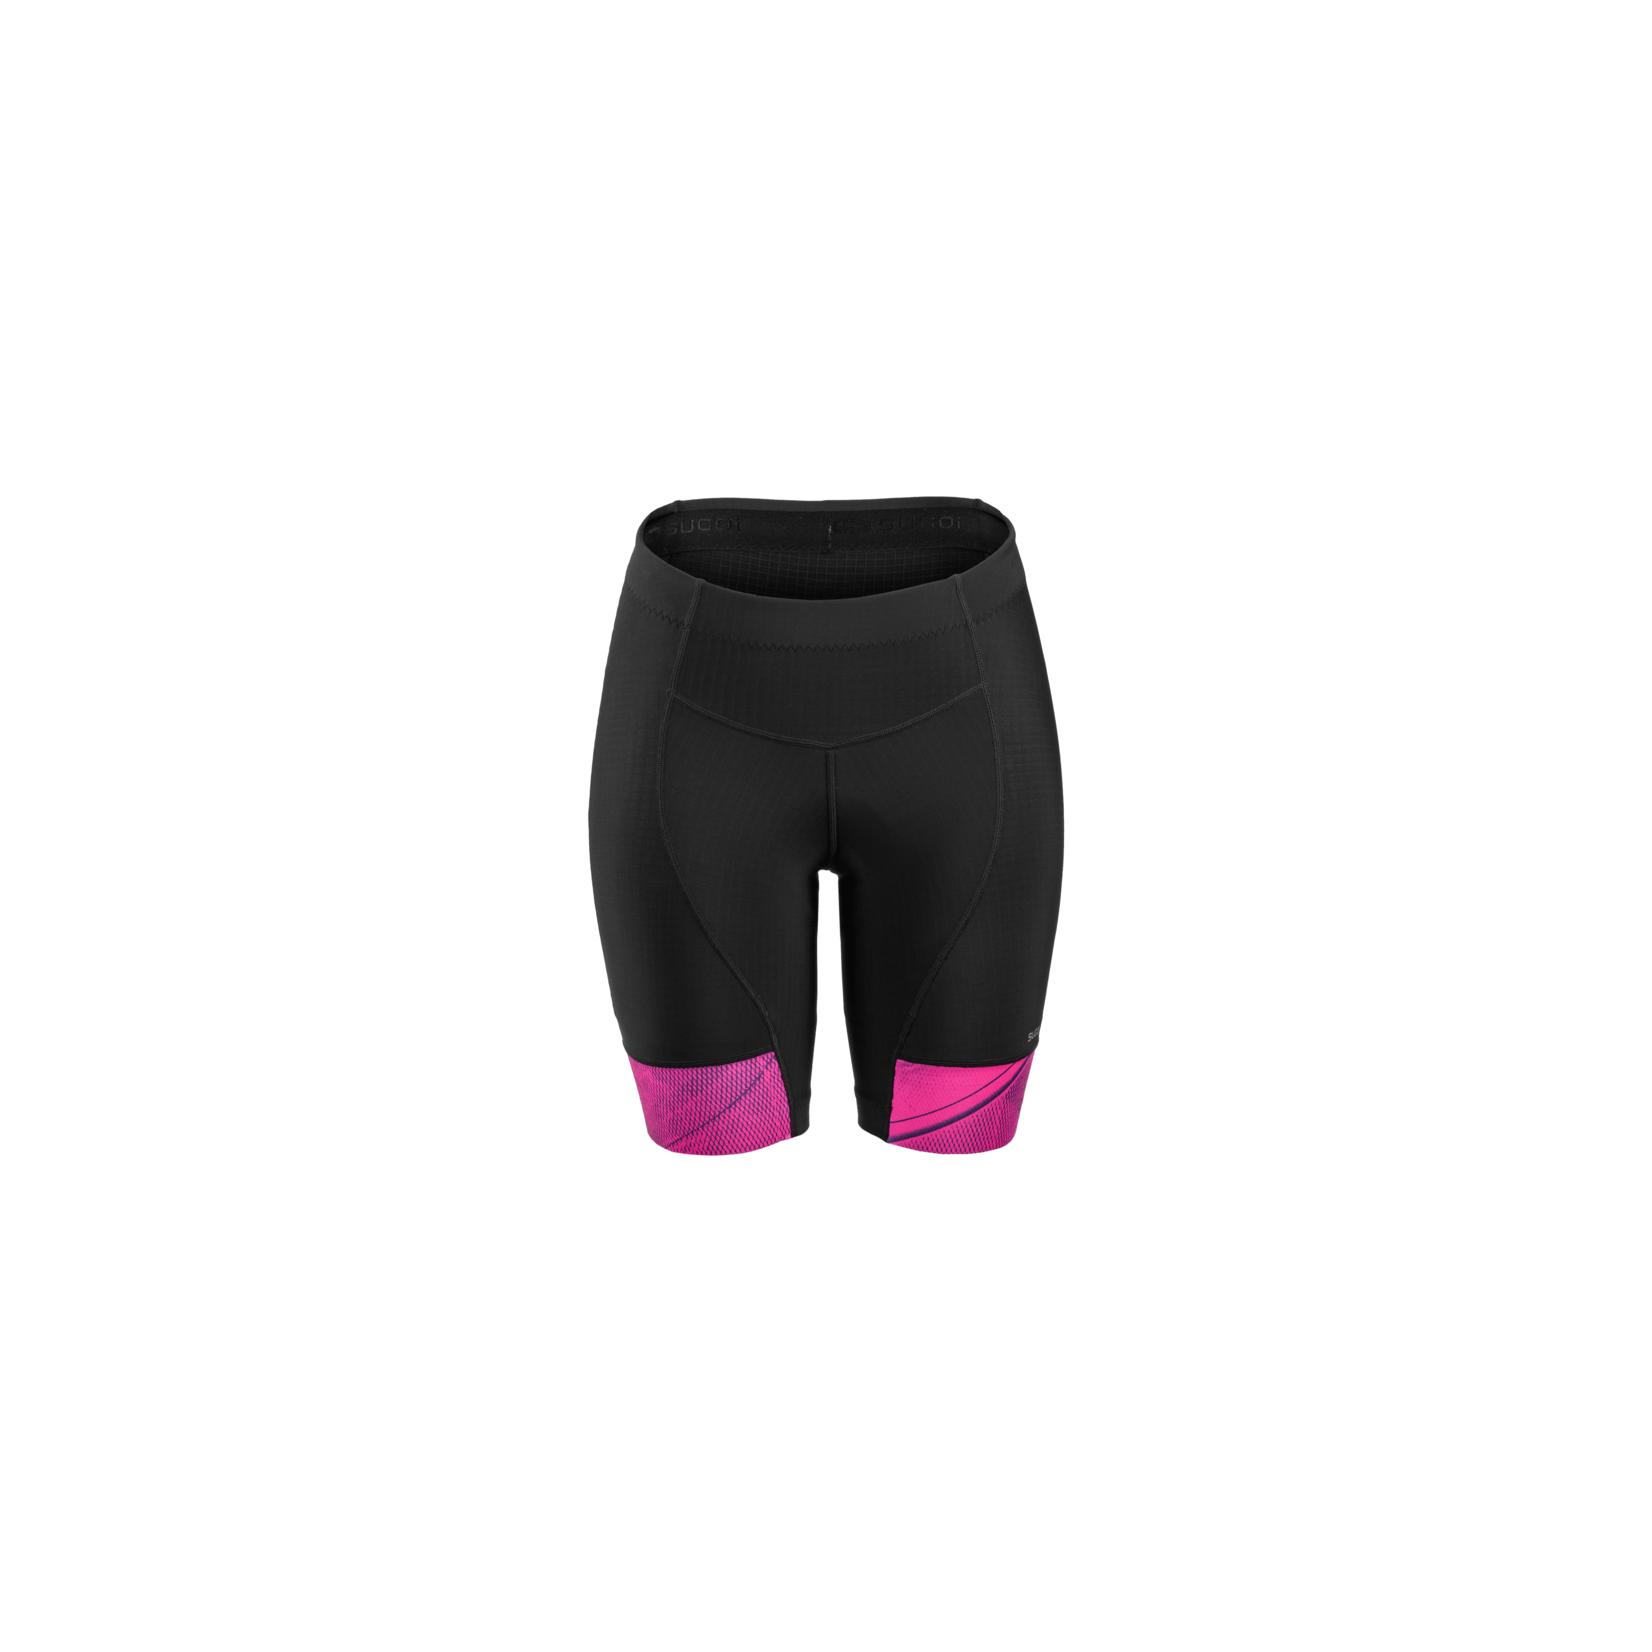 Sugoi Sugoi Evolution PRT Shorts Women's